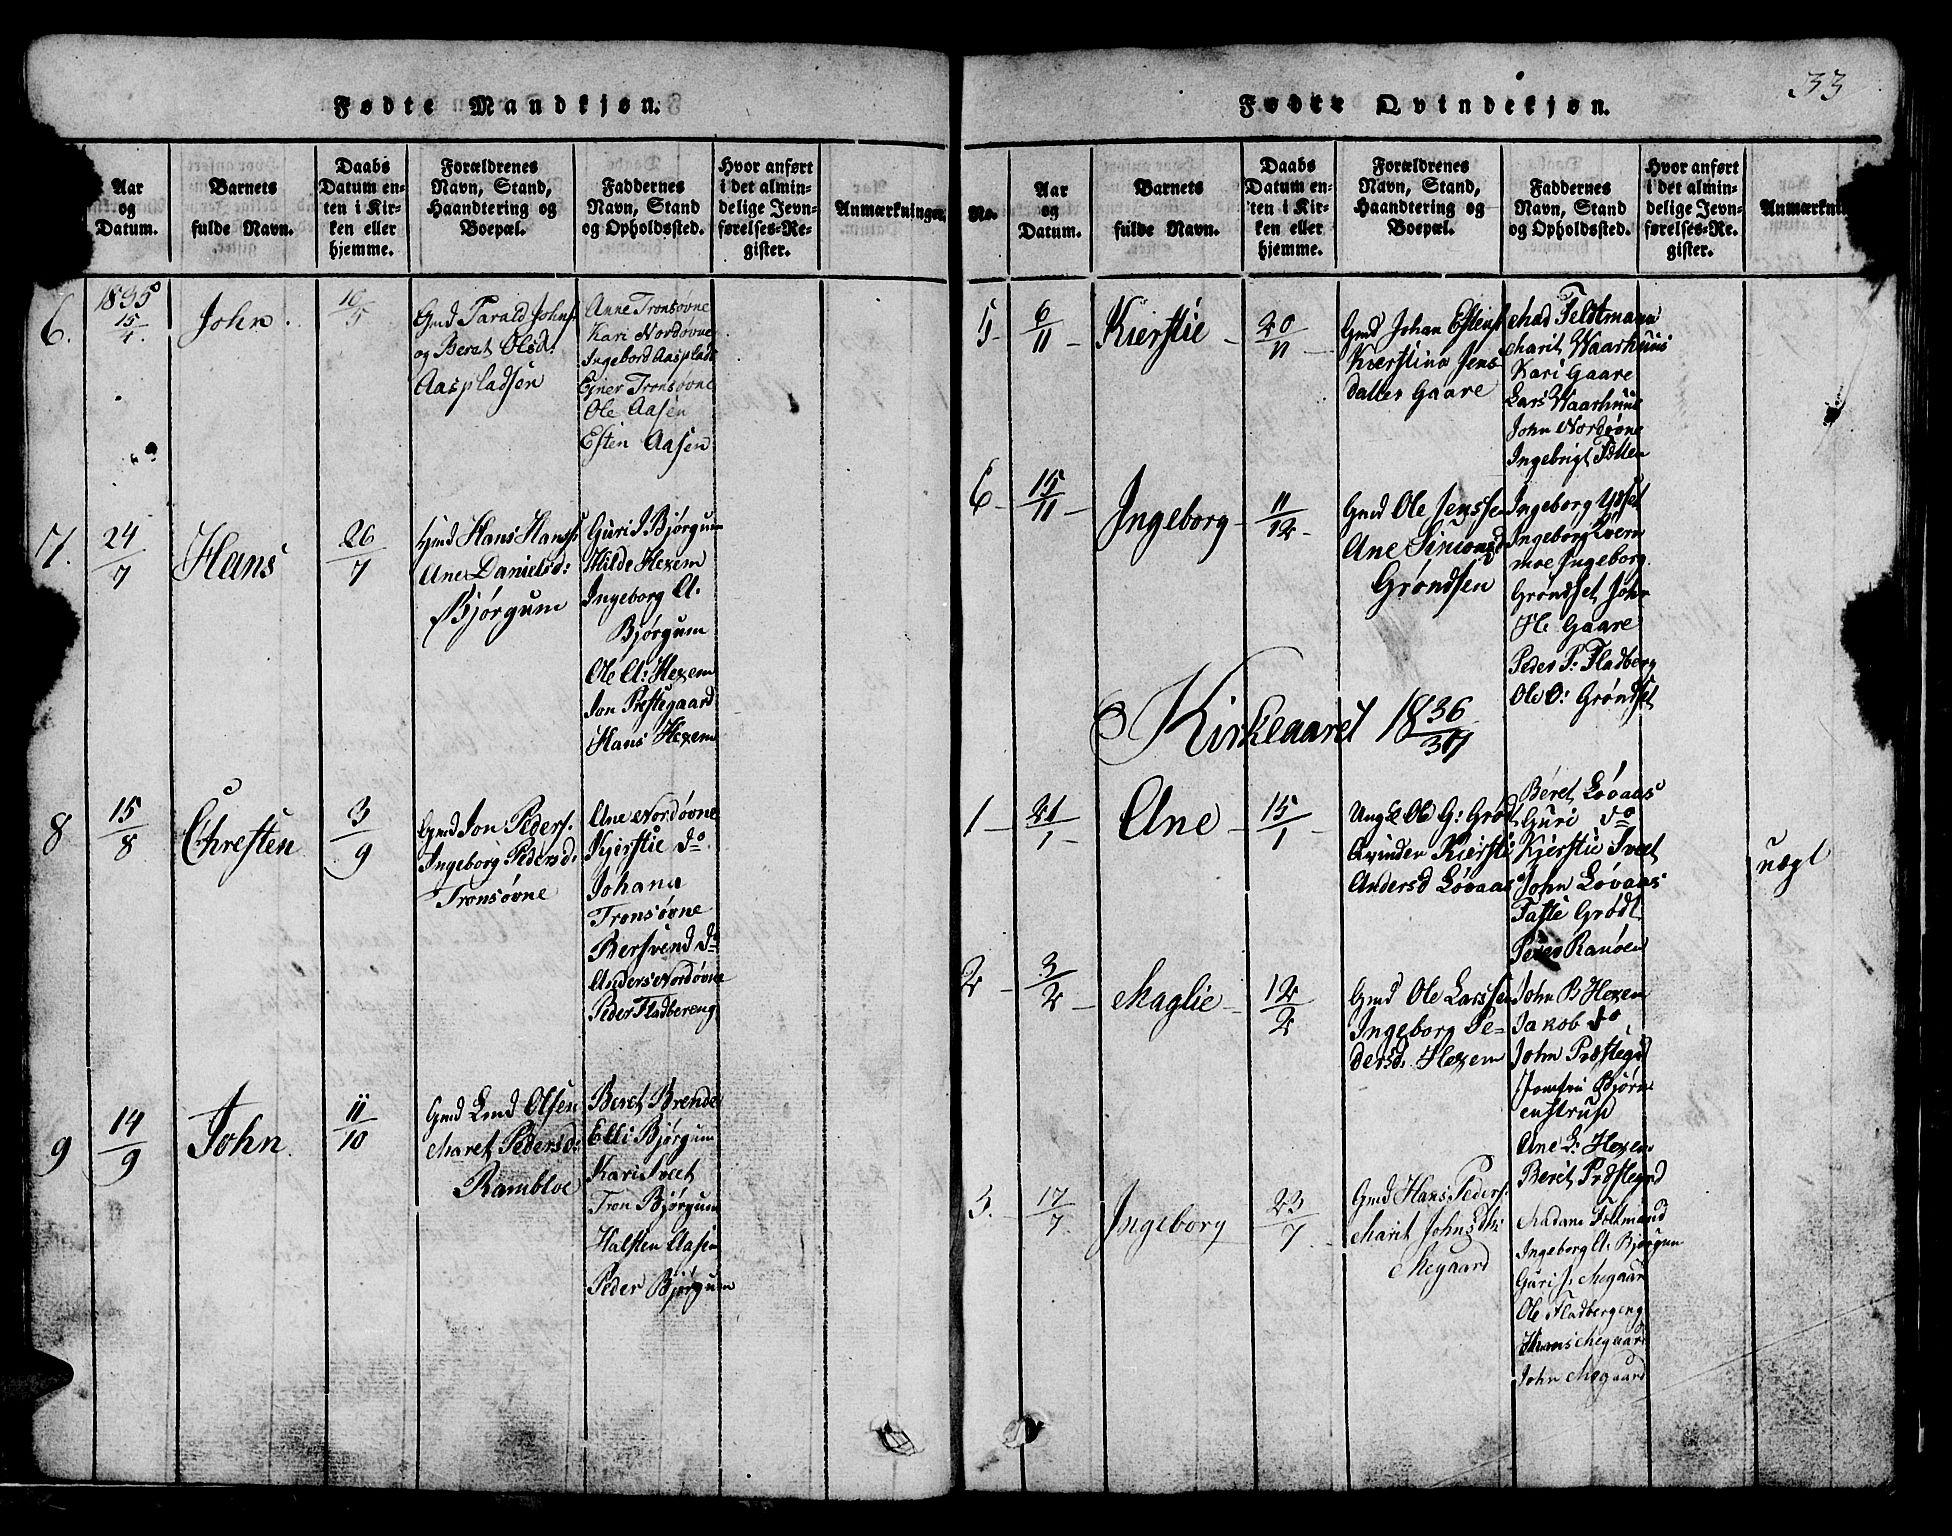 SAT, Ministerialprotokoller, klokkerbøker og fødselsregistre - Sør-Trøndelag, 685/L0976: Klokkerbok nr. 685C01, 1817-1878, s. 33